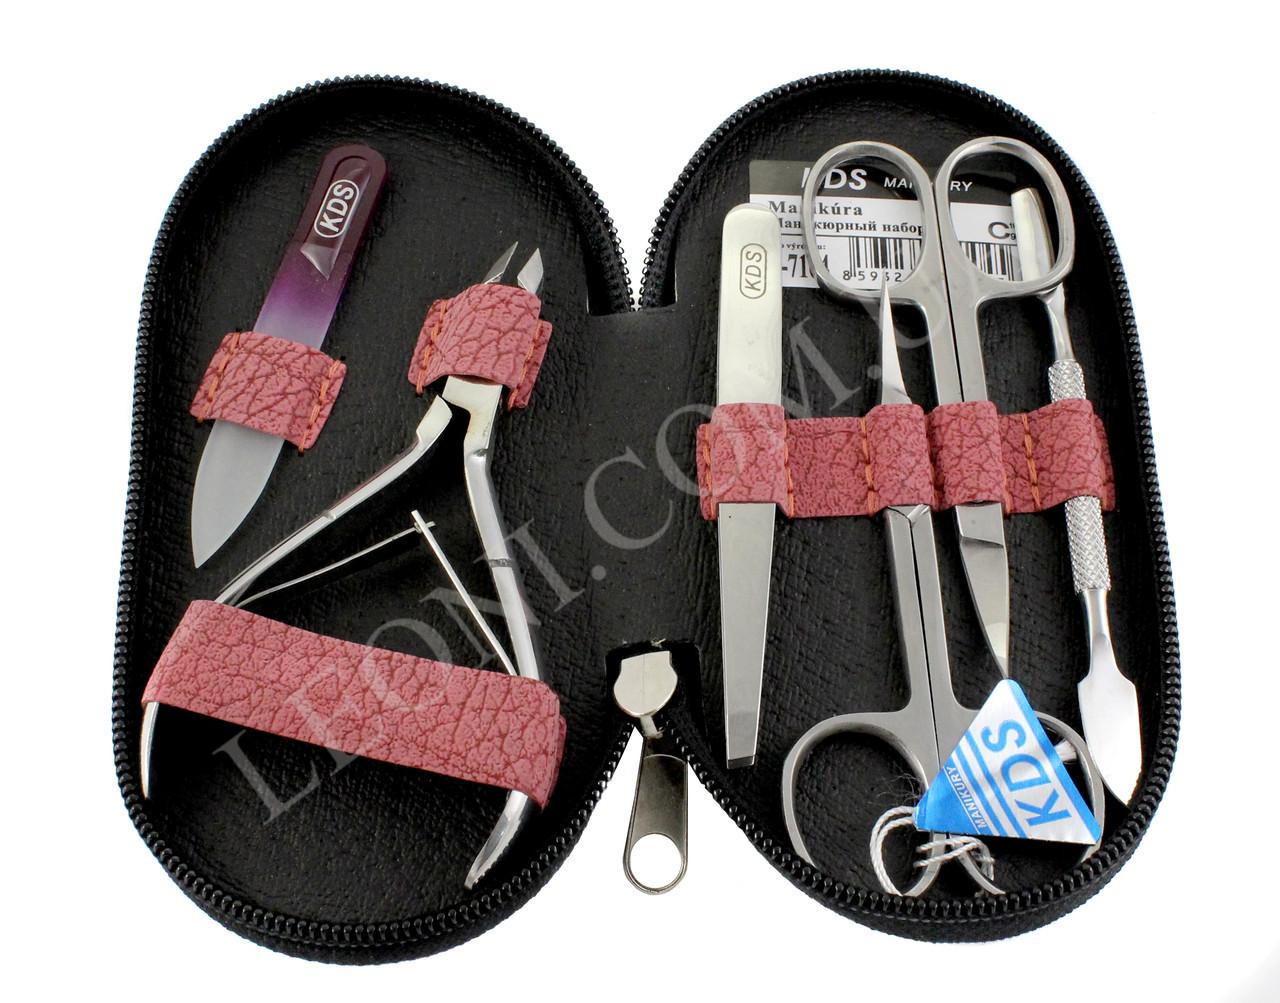 Маникюрный набор инструментов KDS 04-7104.